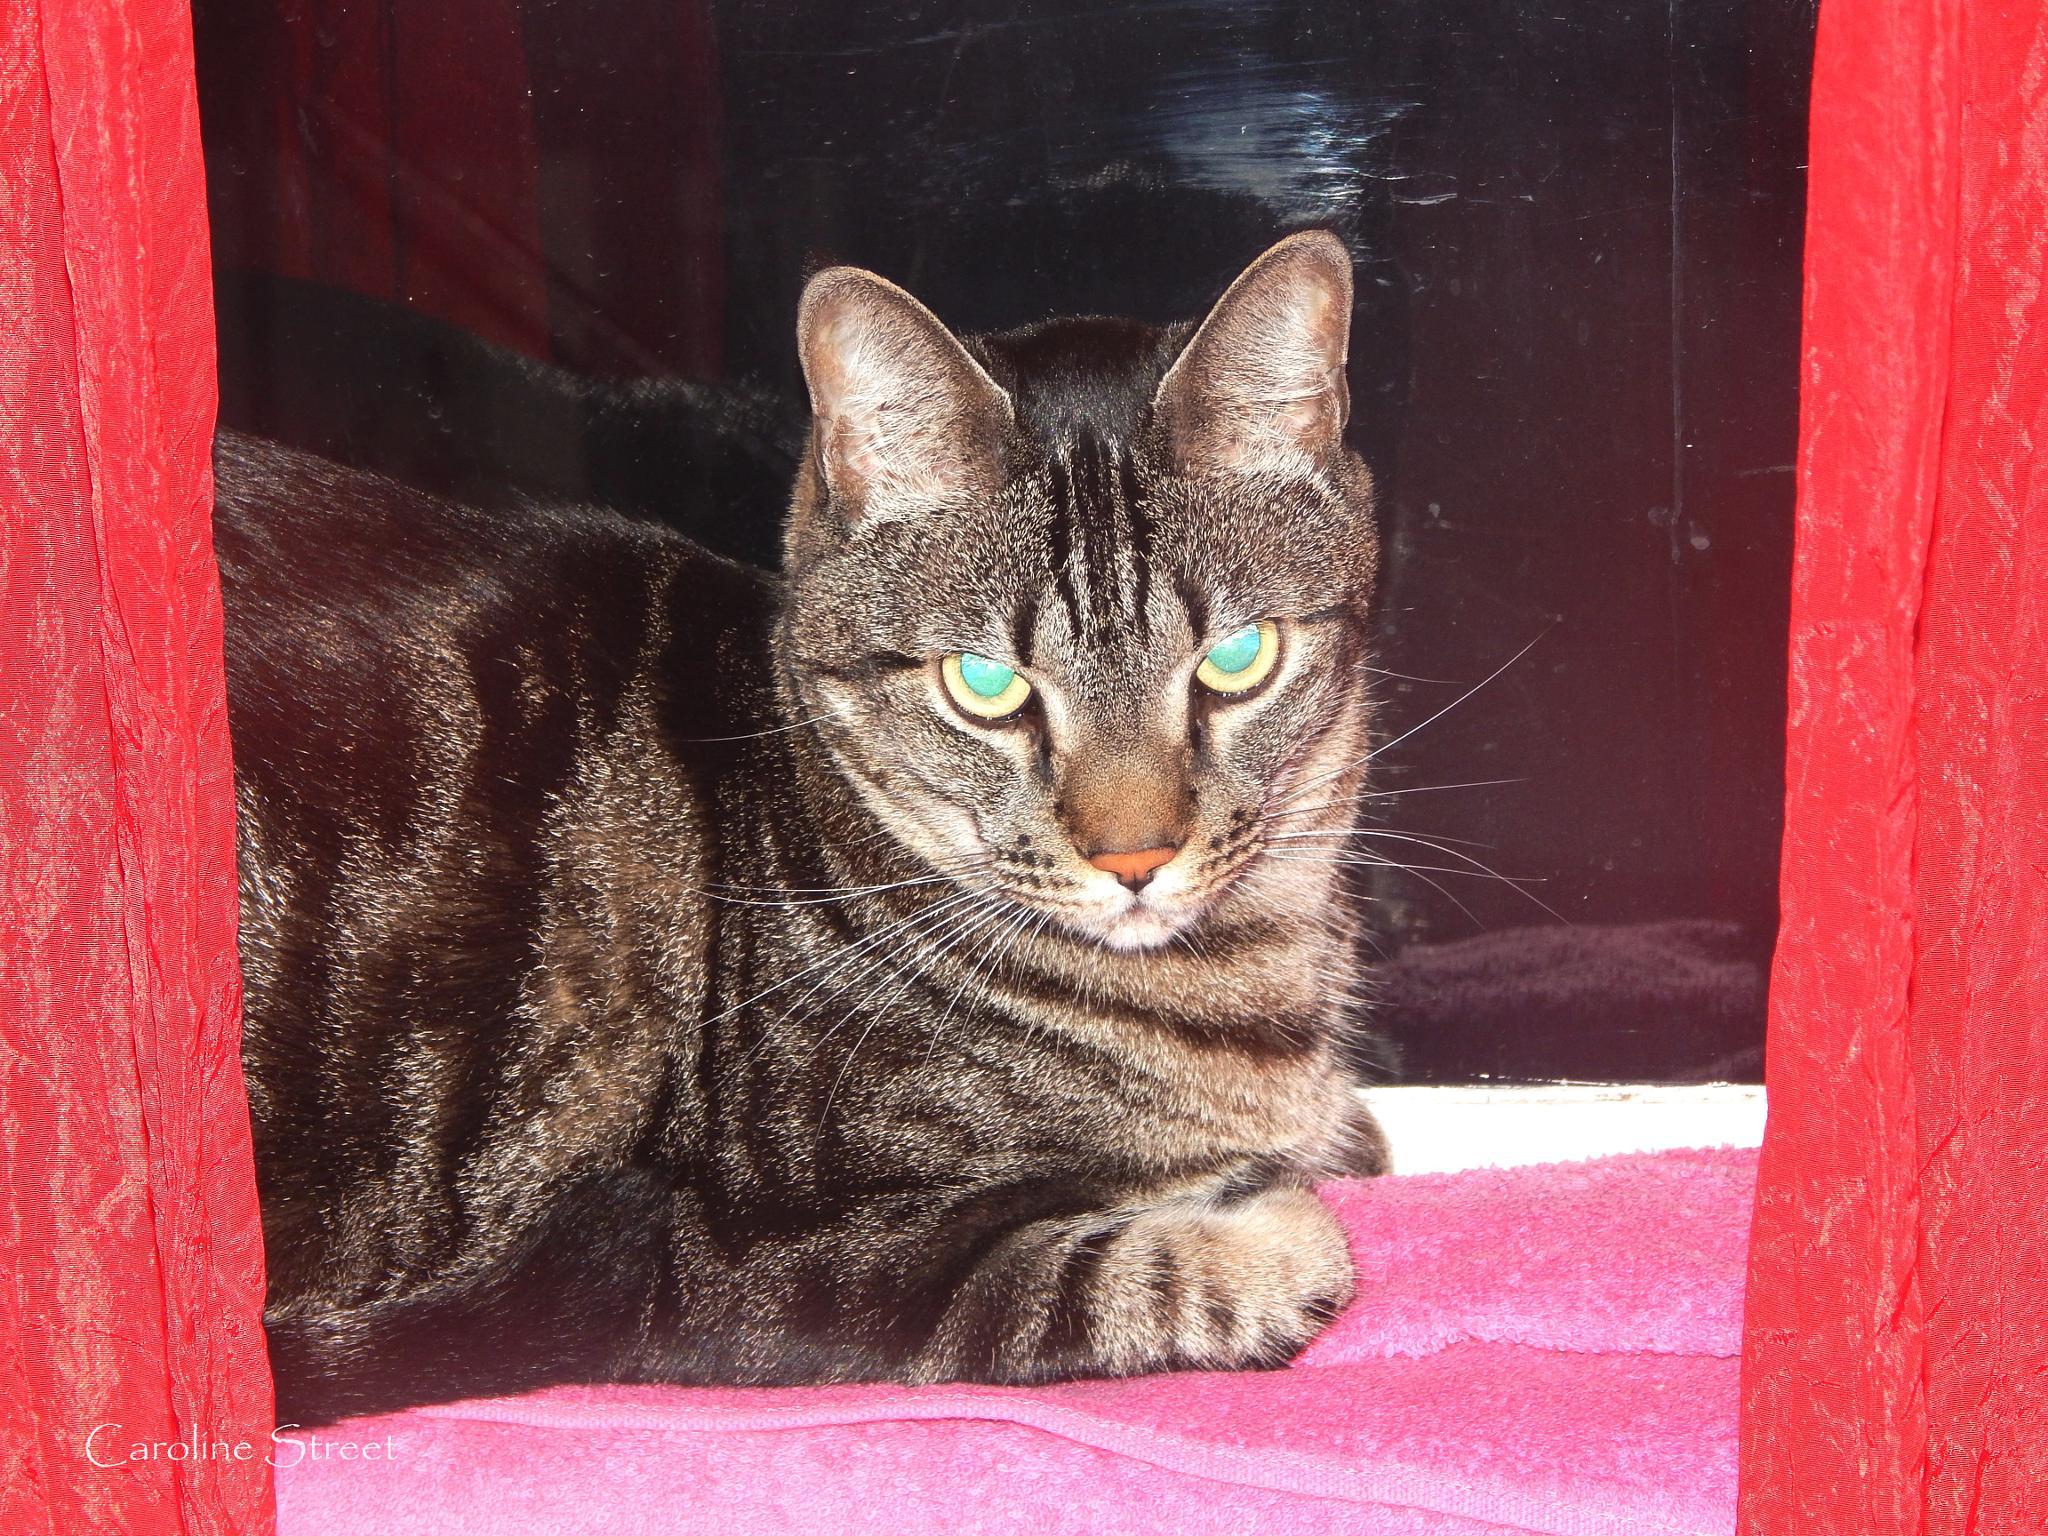 Kitta on the windowsill by Caroline Street